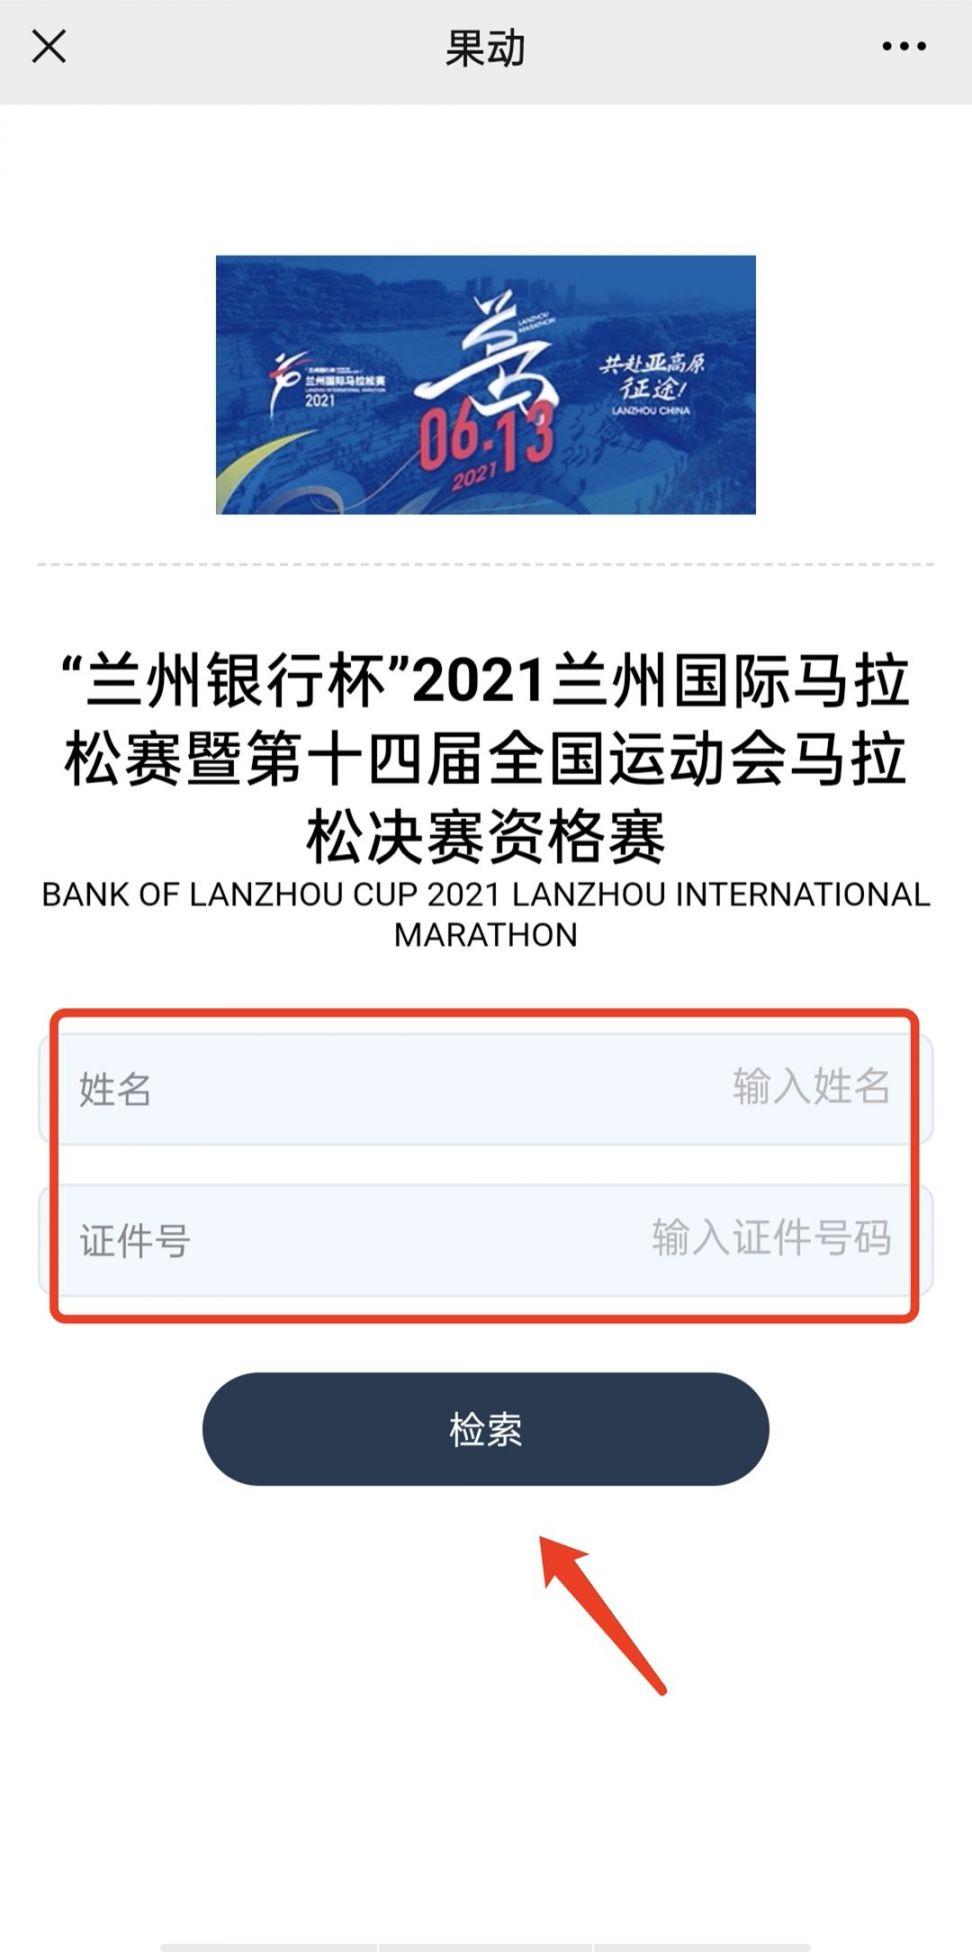 2021兰马抽签结果网上查询流程(附图解)